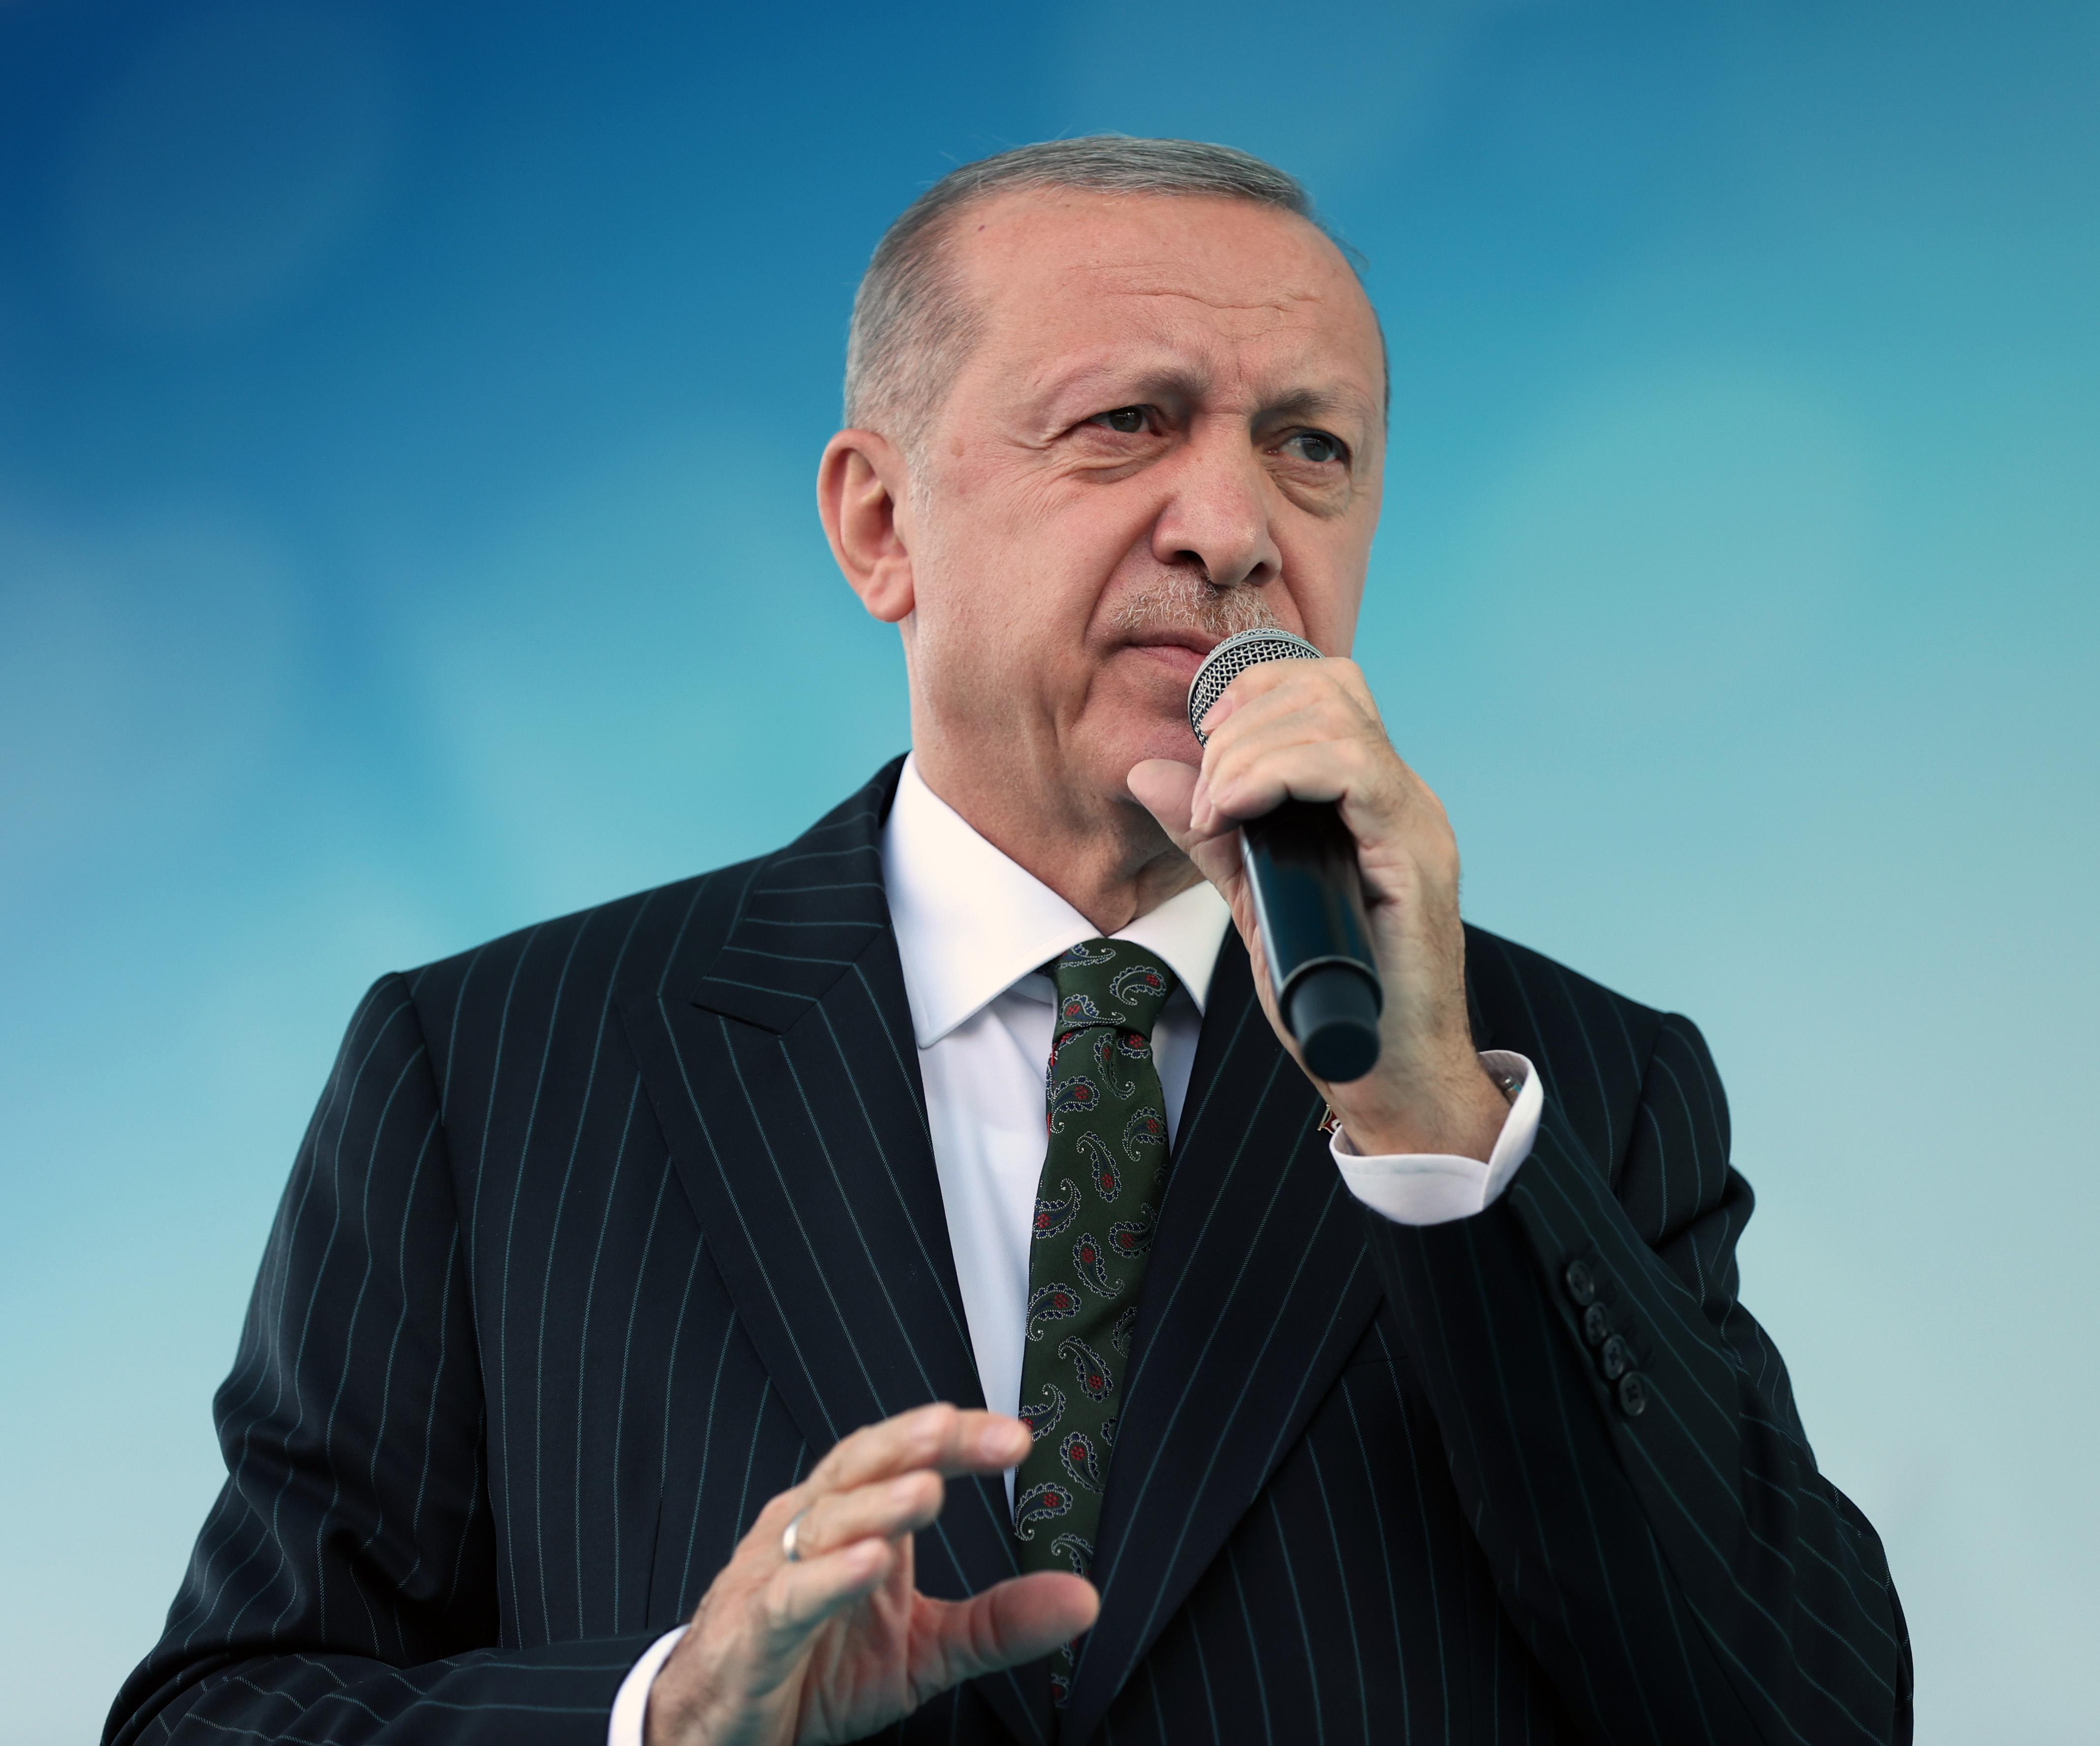 <p>Üçüncü sırada ise 4,2 puan ile Cumhurbaşkanı Recep Tayyip Erdoğan yer aldı.</p>